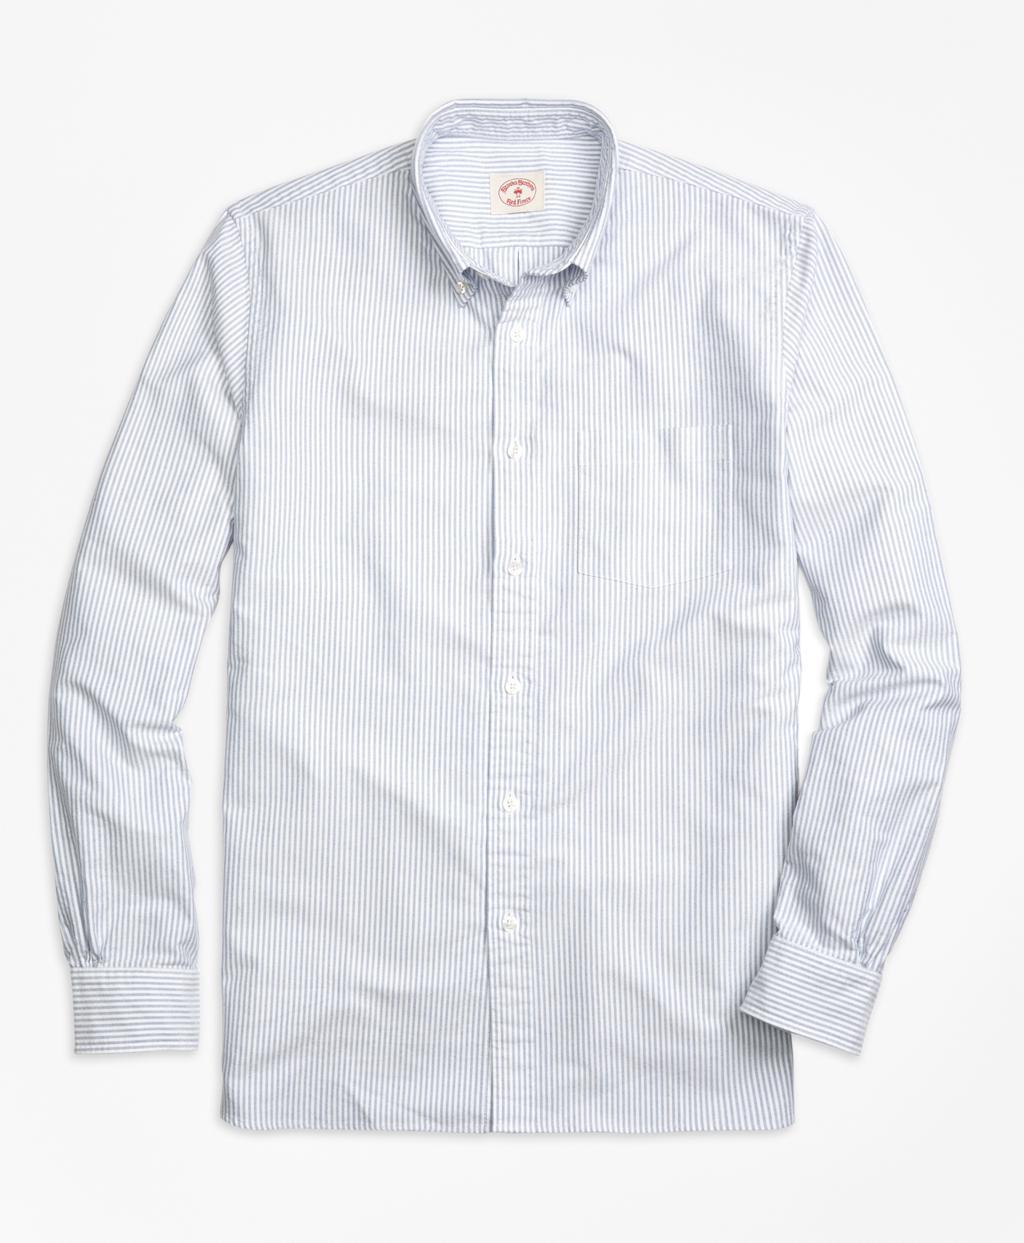 Lyst brooks brothers stripe oxford sport shirt in blue for Brooks brothers sports shirts